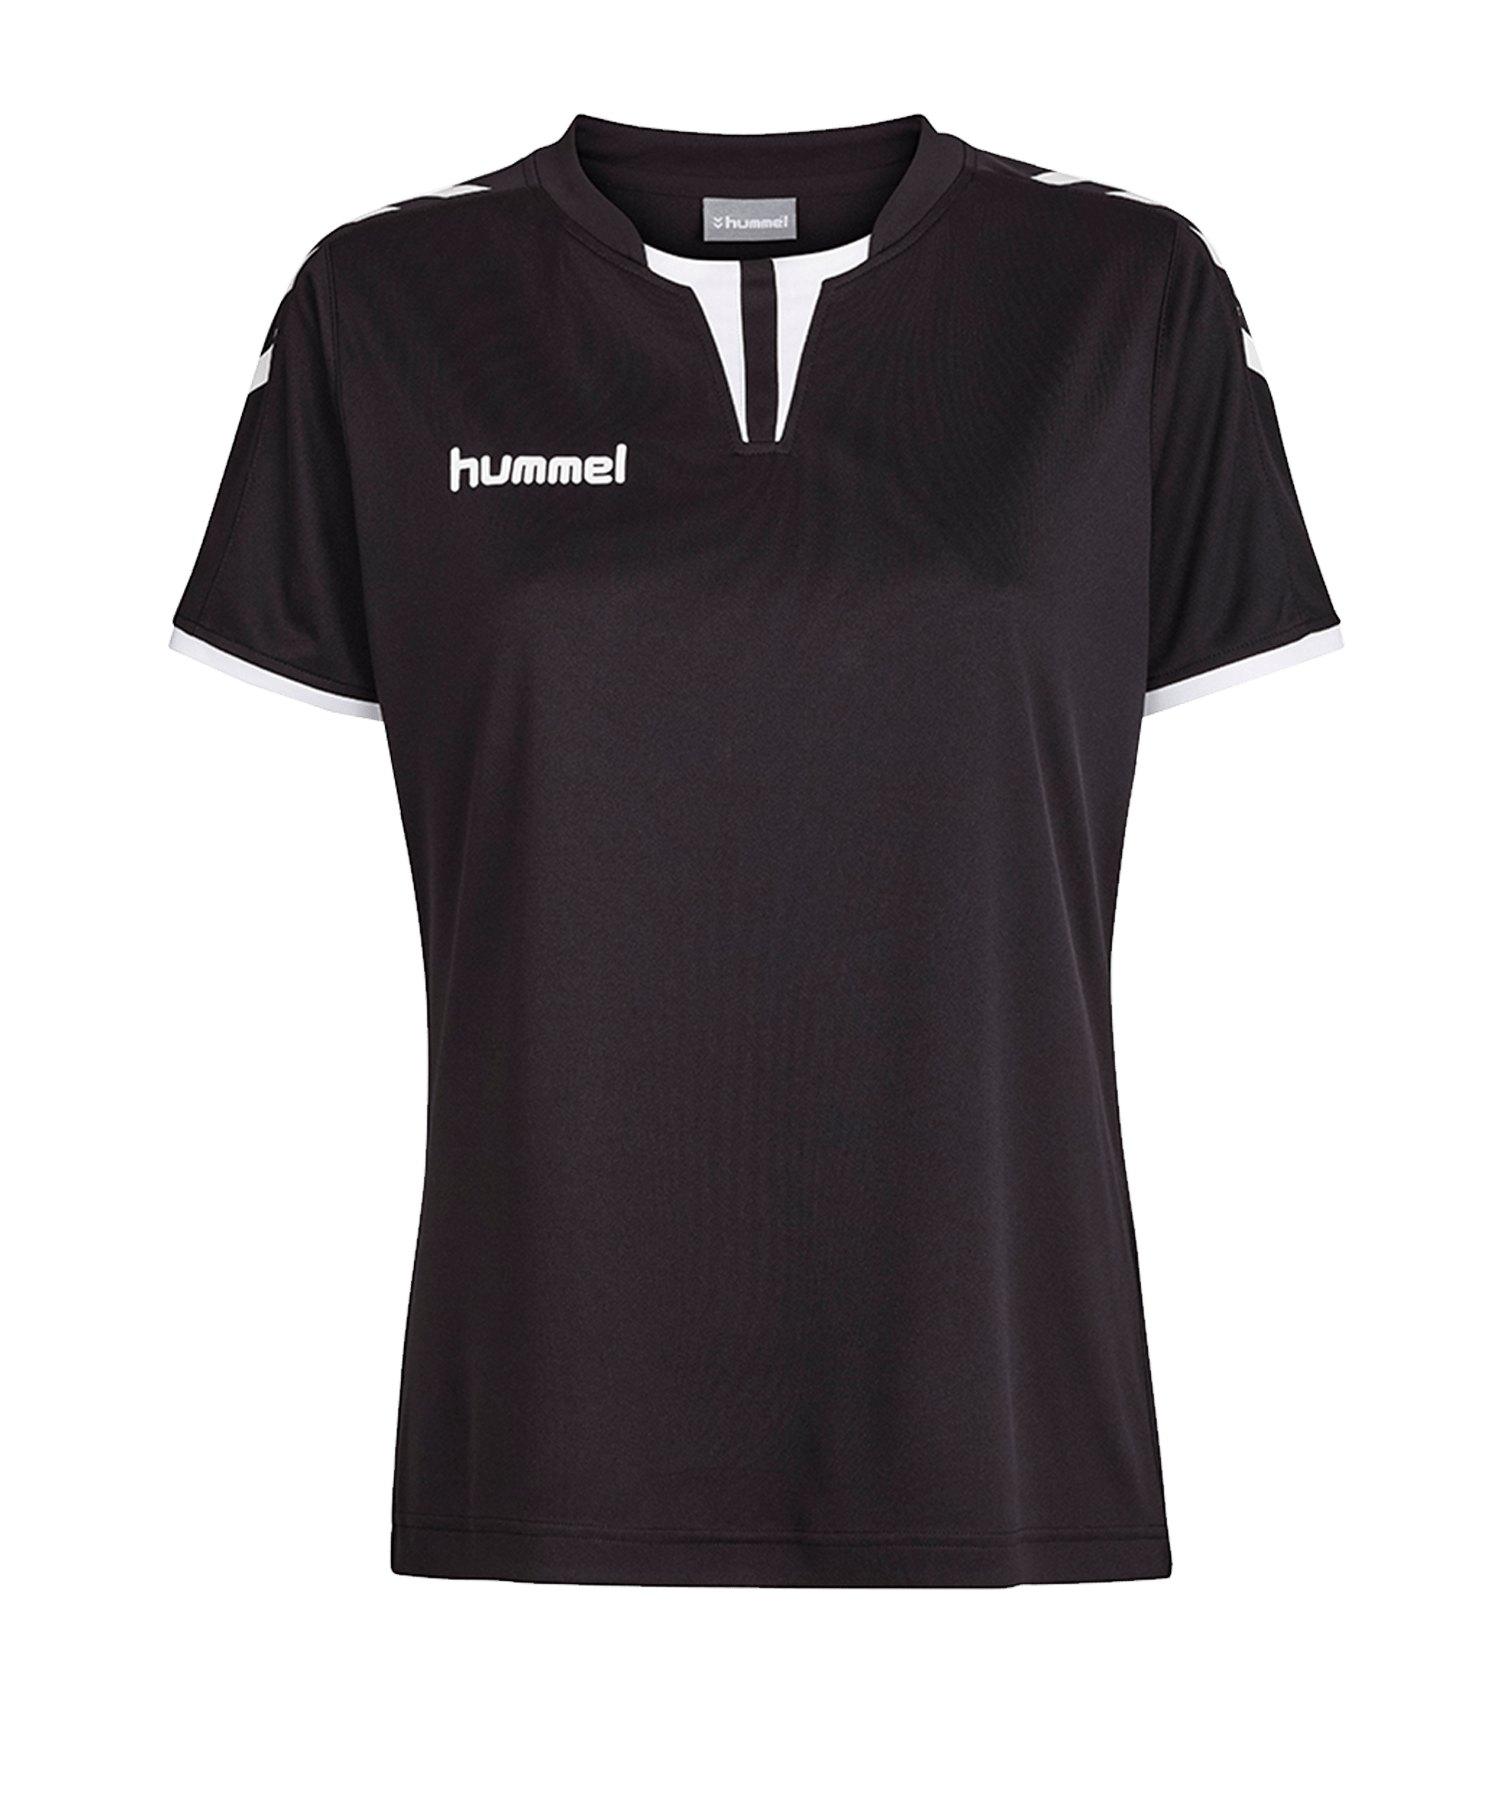 Hummel Core Trikot kurzarm Damen Schwarz F2005 - schwarz